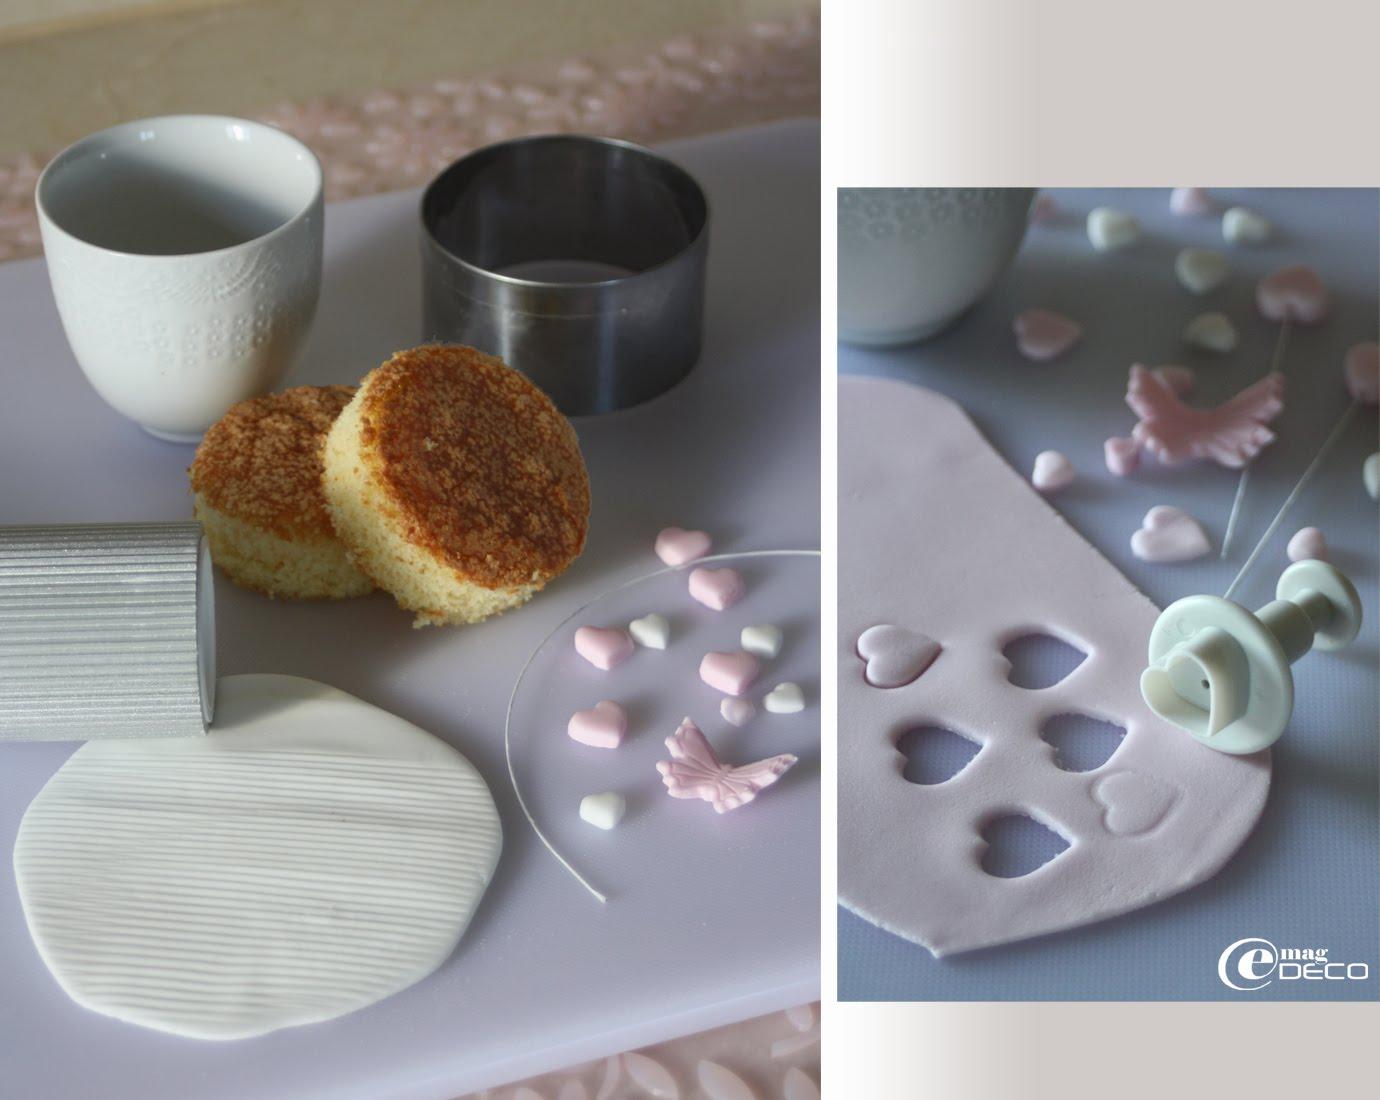 Étapes de création d'un cupcake décoré de pâte à sucre et présenté dans une tasse